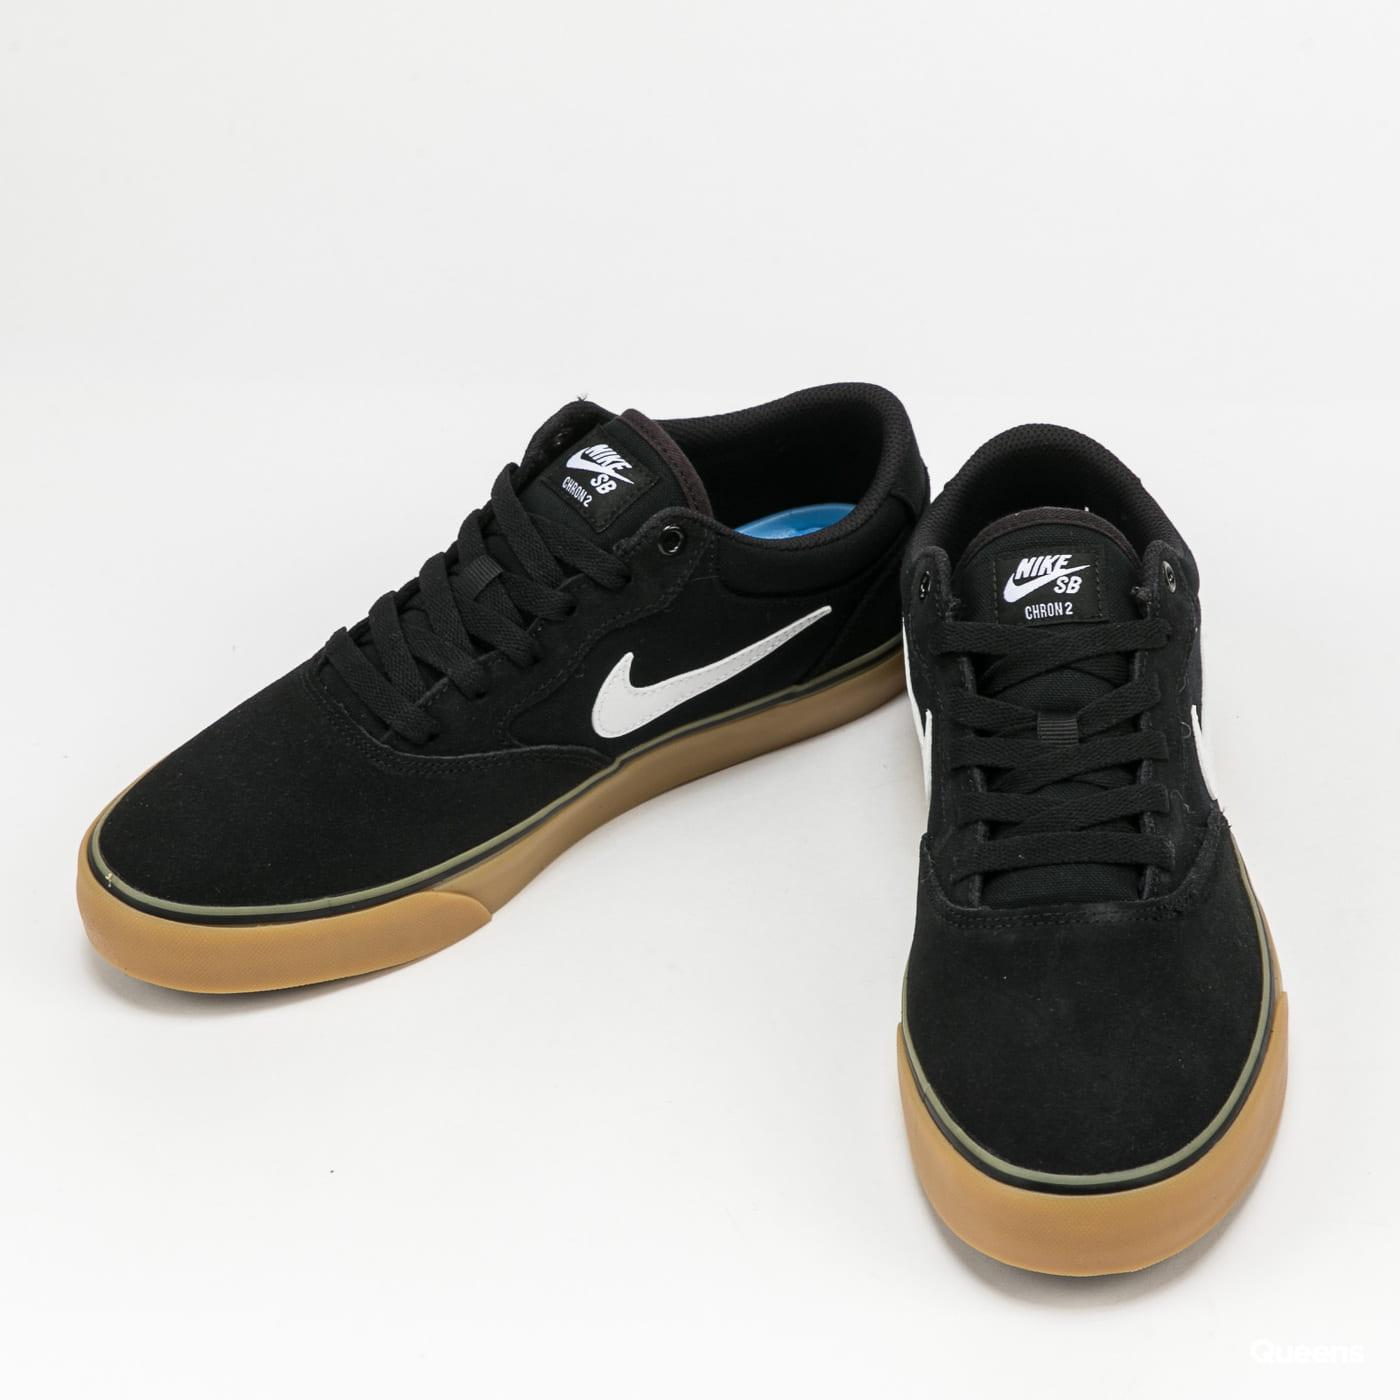 Nike SB Chron 2 black / white - black